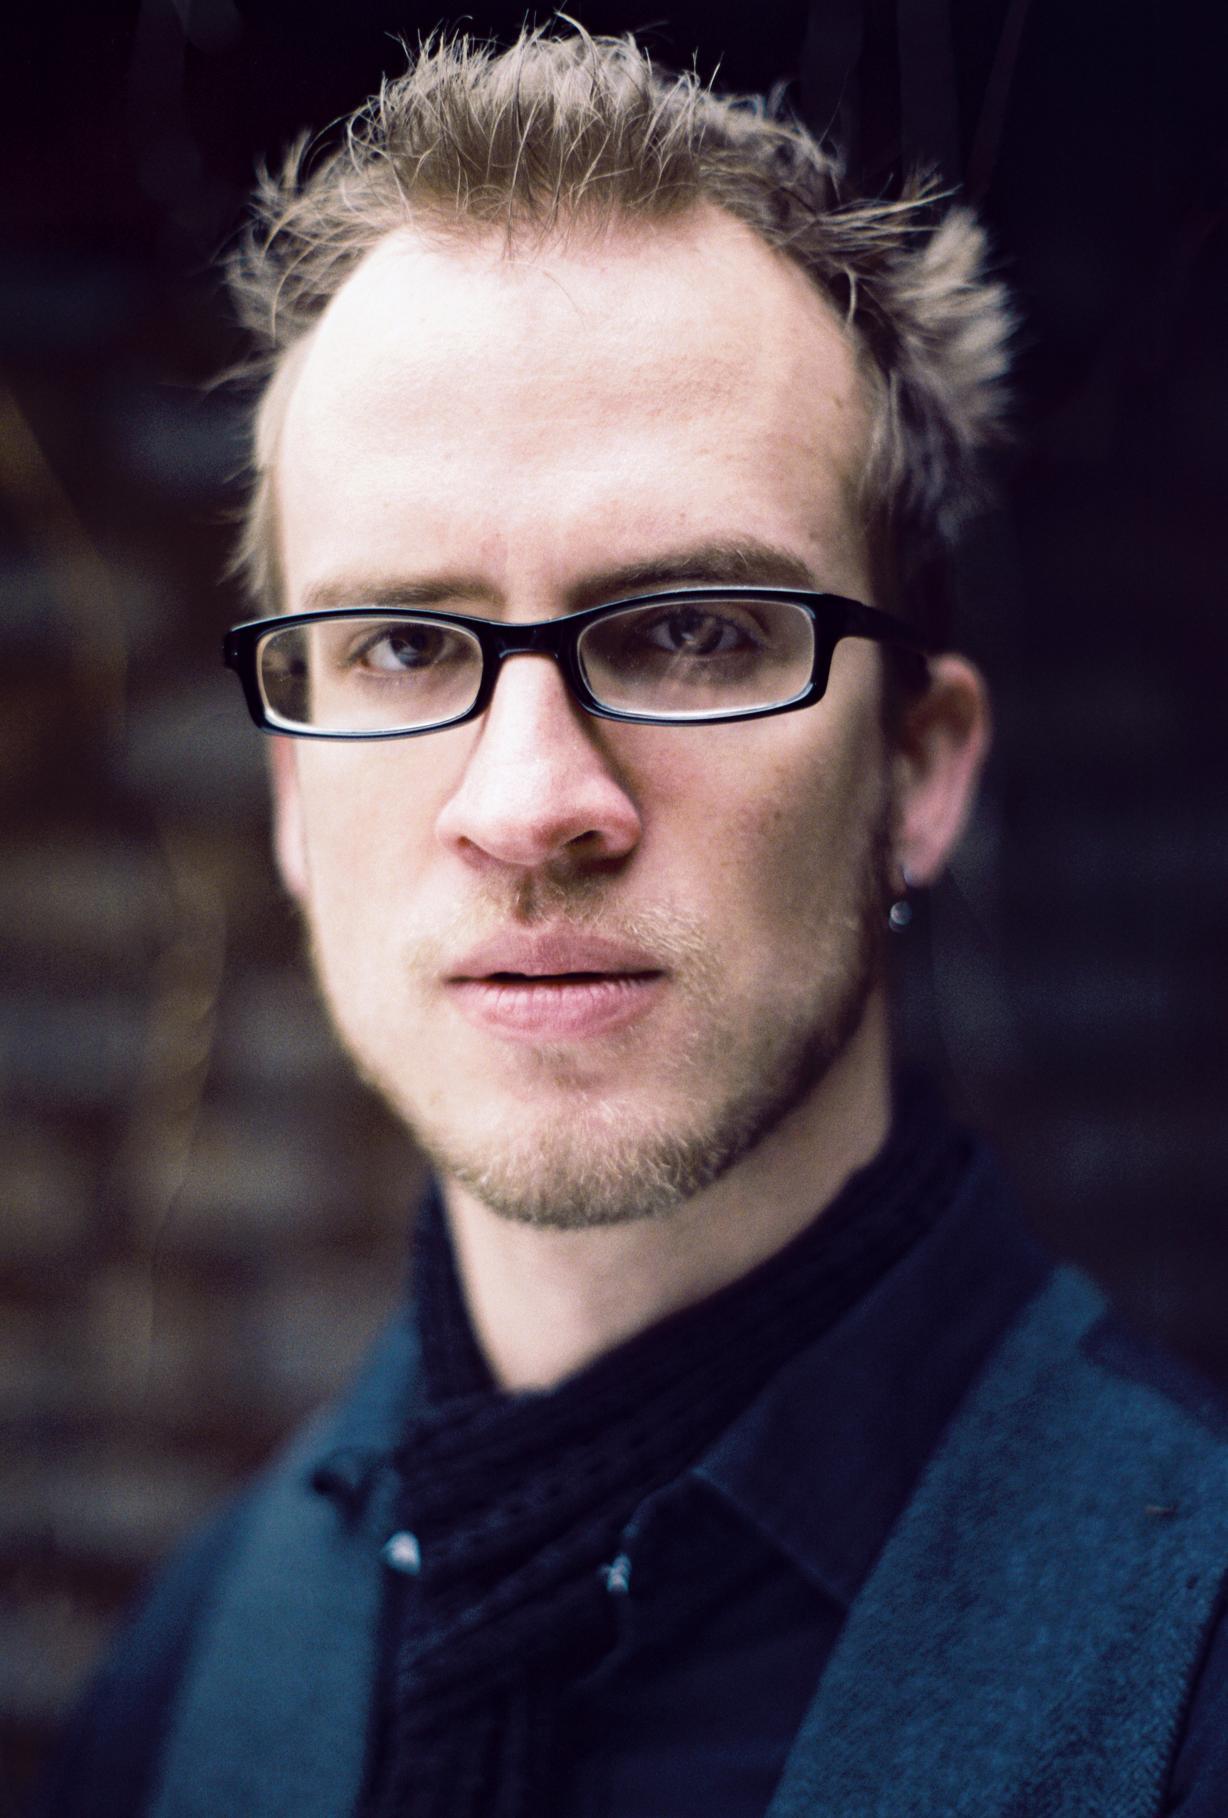 joel musch, director